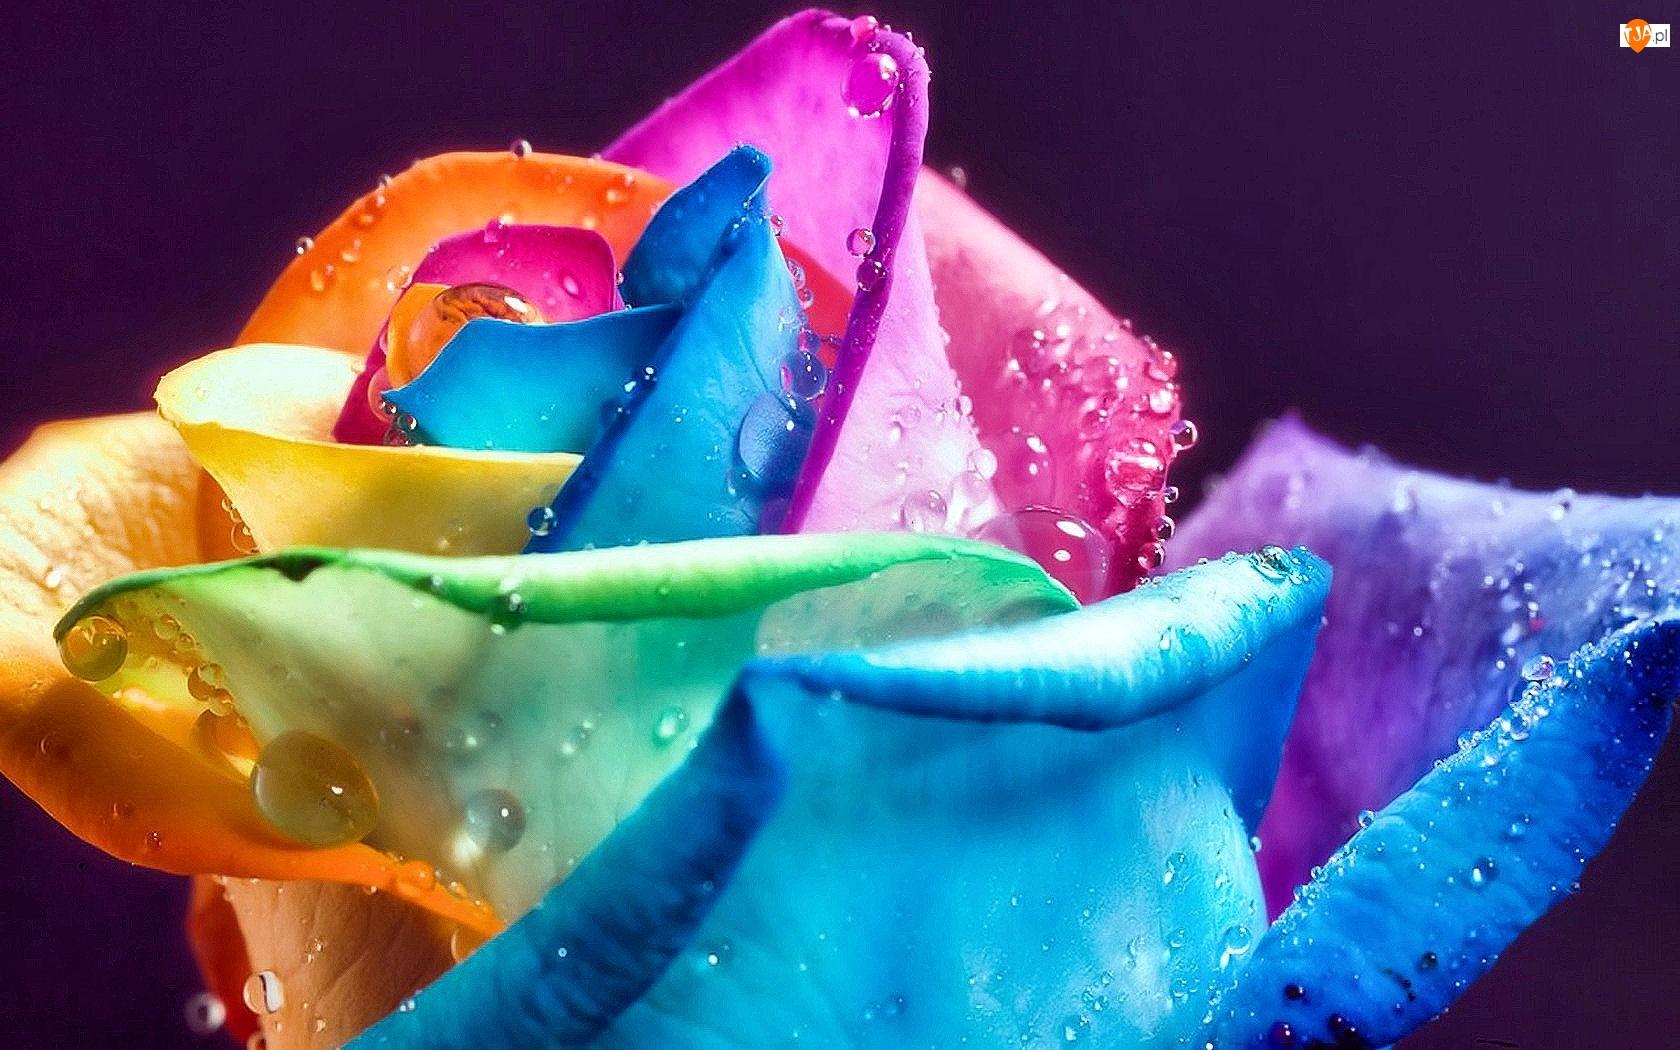 Kolorowa, Wody, Róża, Krople